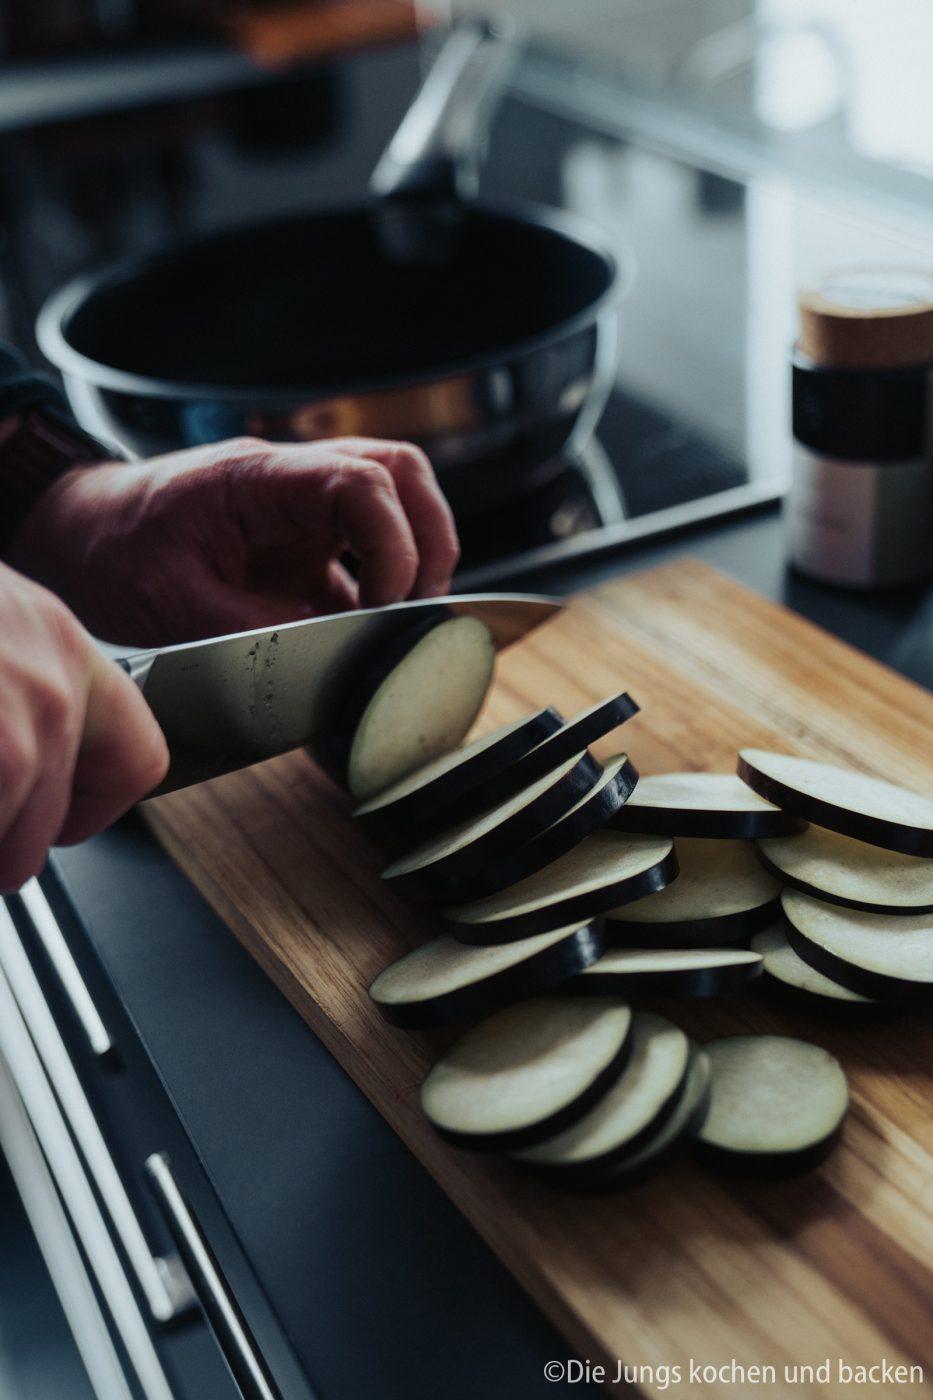 Tefal Schweinefilet italienisch 1 | Wir hatten schon ewig nichts Überbackenes mehr für euch hier und auch bei uns auf dem Tisch. Zu einem gemütlichen Spielenachmittag mit Freunden hatten wir aber richtig Lust auf ein leckeres Gericht, das mit Käse überbacken wird. Es sollte praktisch sein, gut vorzubereiten und nicht so ganz aufwändig. All das sind unsere überbackenen Schweinemedaillons mit Aubergine. Ein guter Grund dafür - es kommt in eine Pfanne, die Pfanne in den Ofen und dann auch auf den Tisch! Was ist das also für eine neue Pfanne??